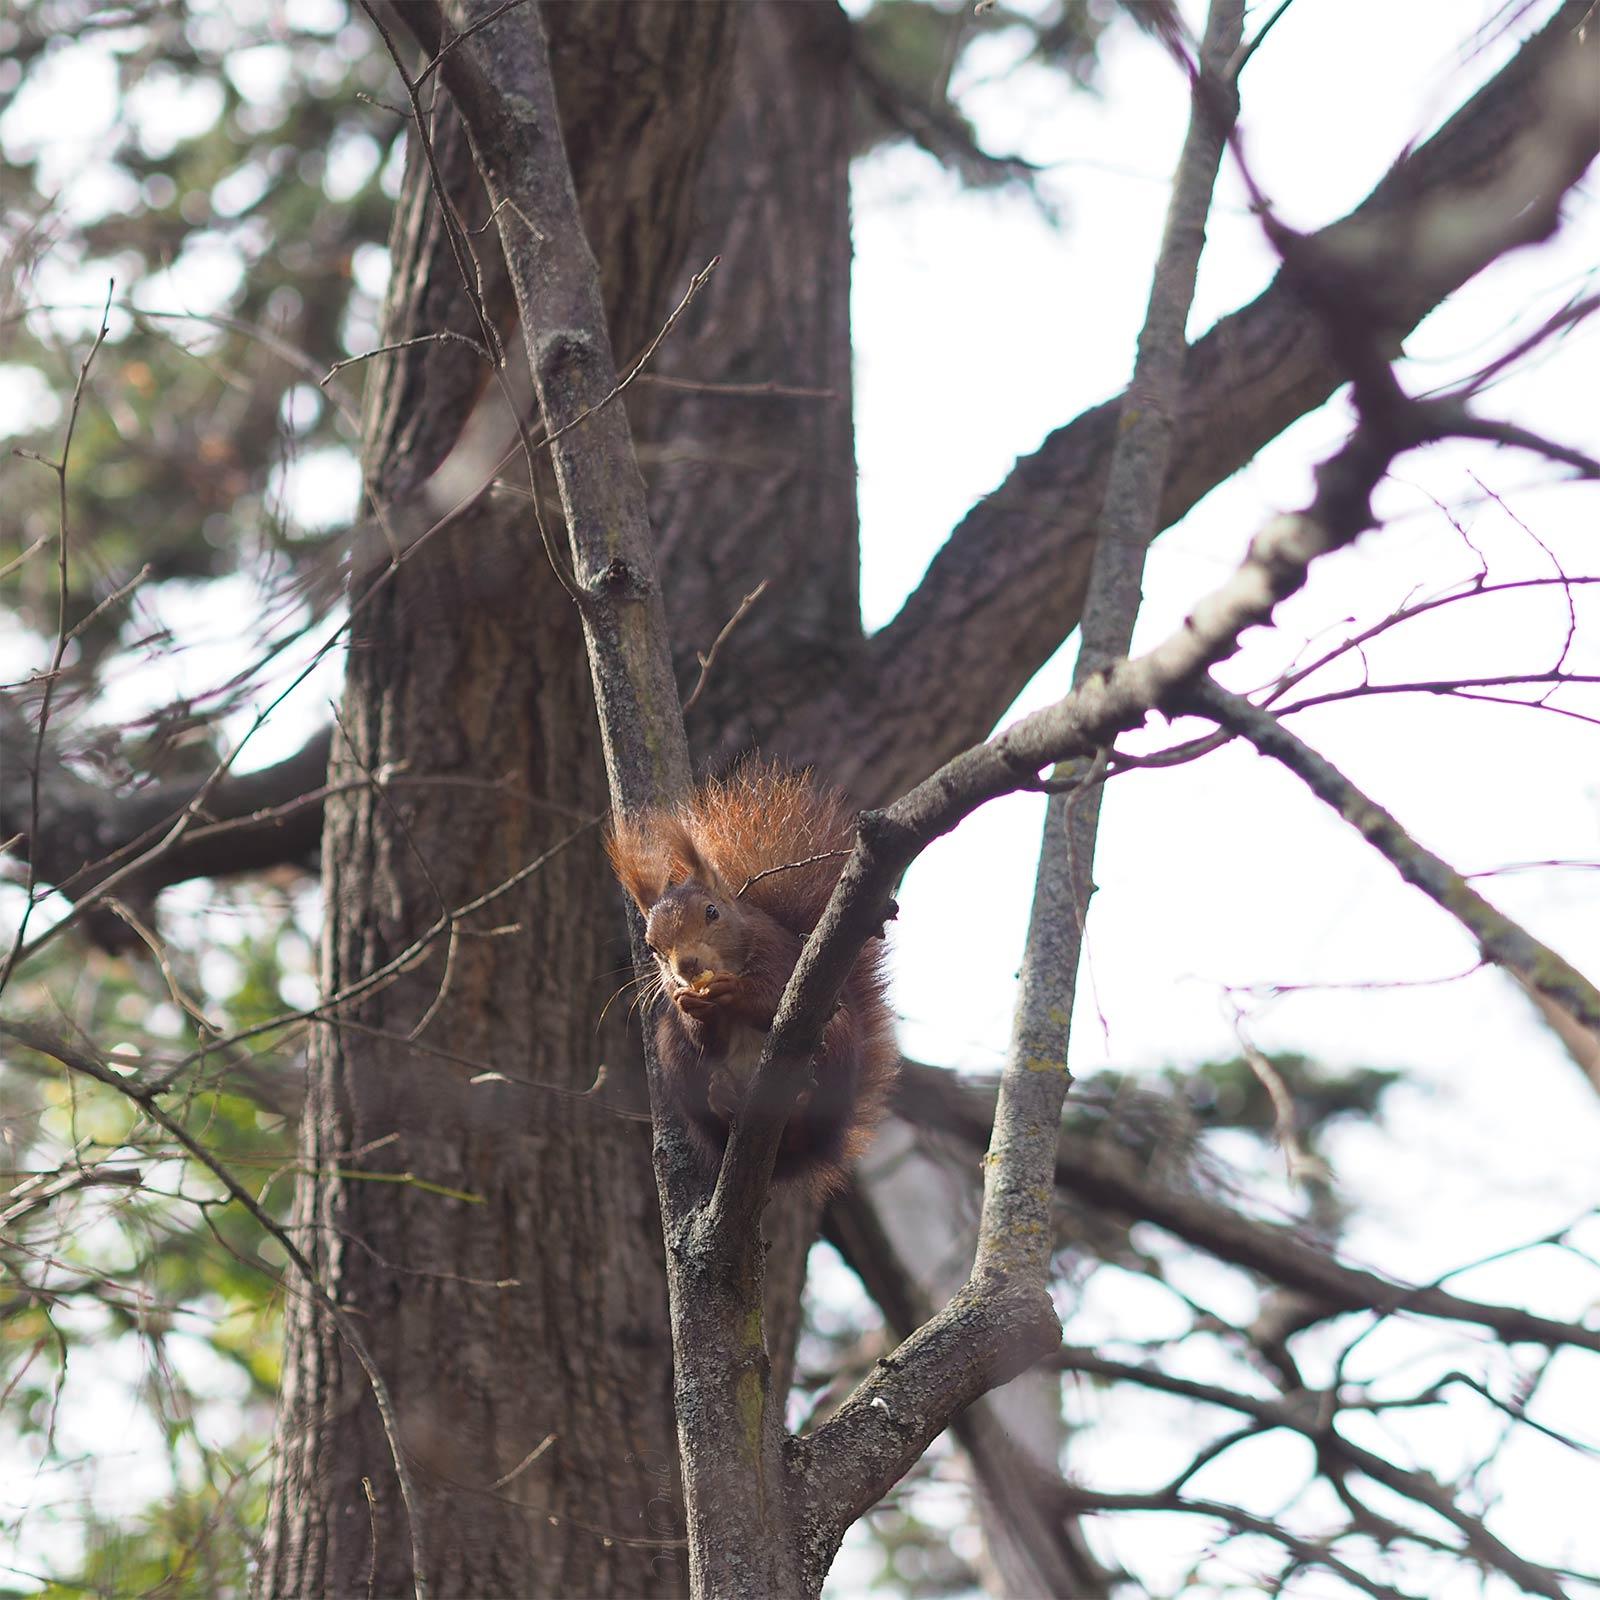 écureuil roux mars hiver squirrel ardilla yoniquenews